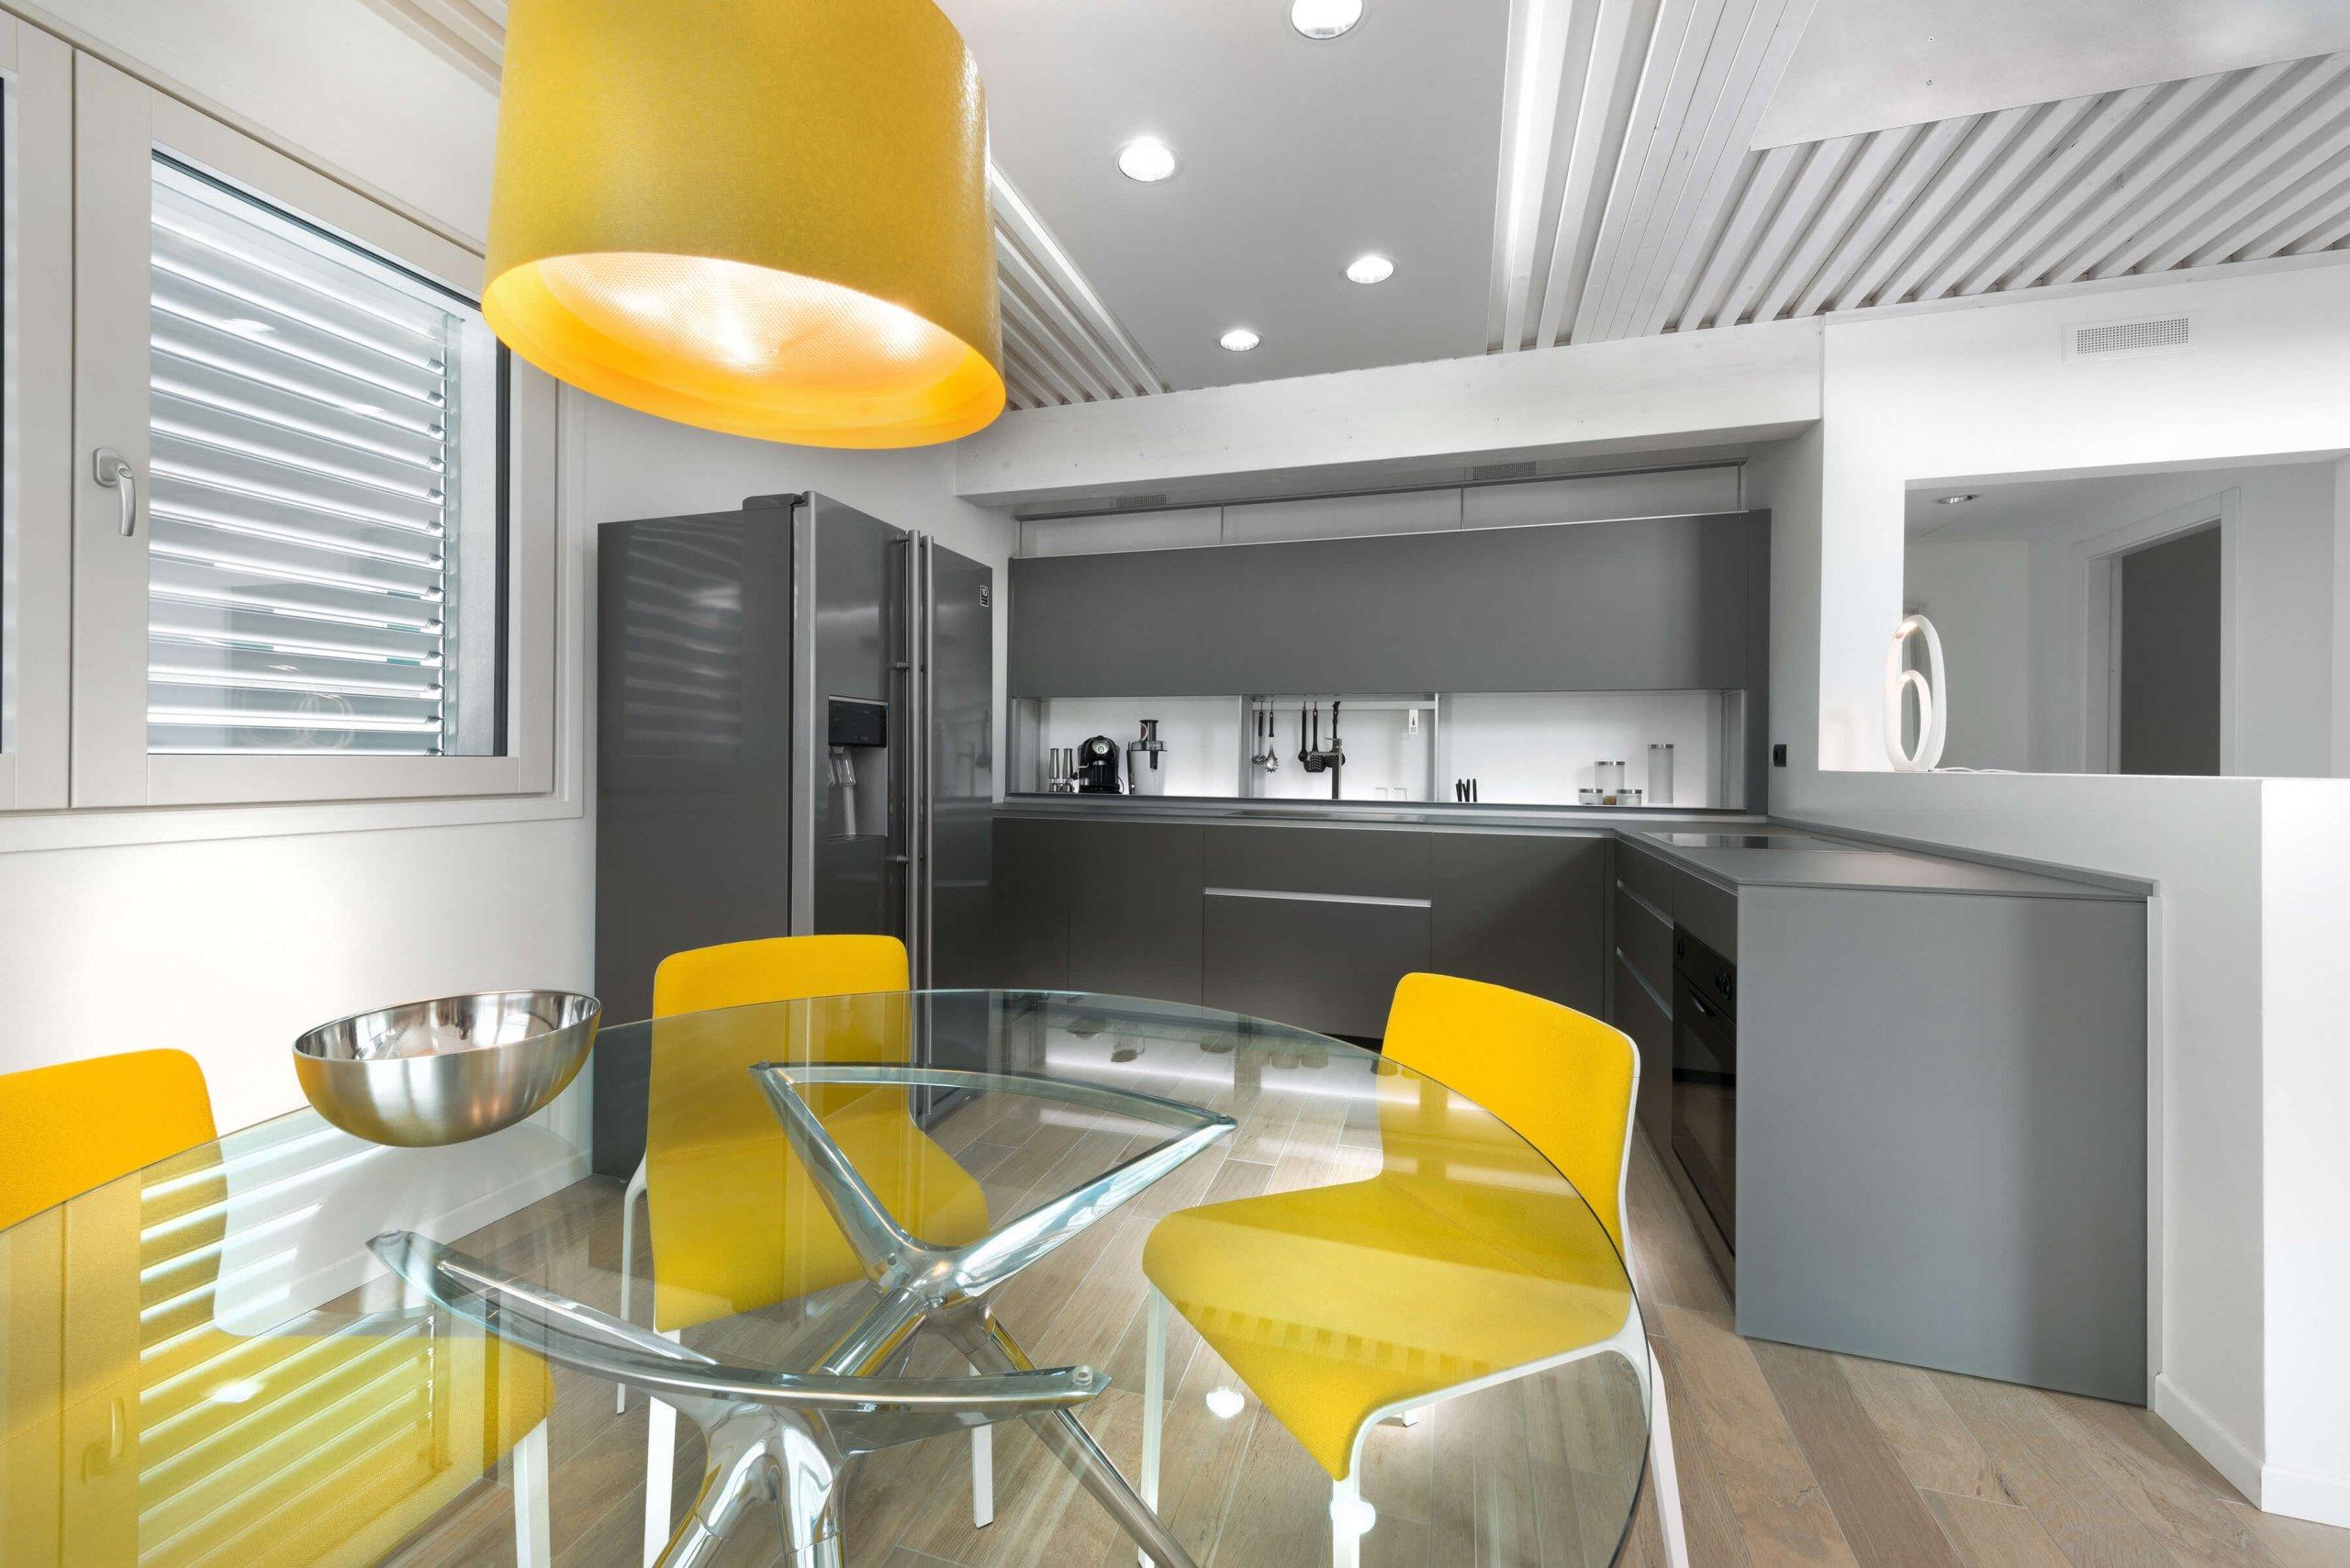 Casa passiva: in giallo e titanio